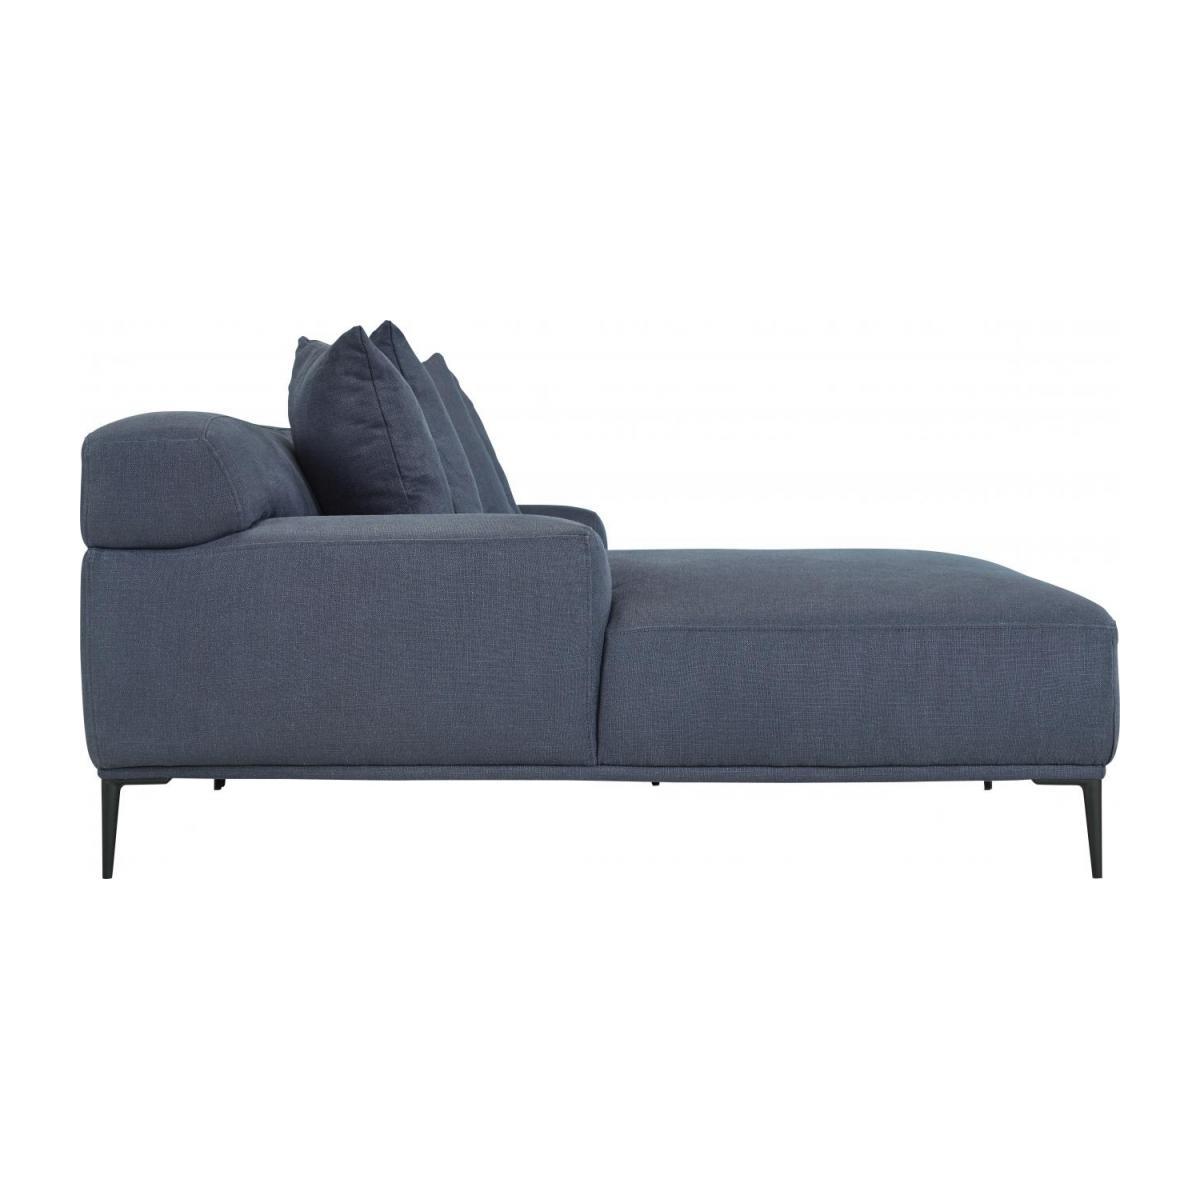 Full Size of Ottone 2 Sitzer Sofa Aus Leinen Mit Linker Ecke Blau Habitat Togo Für Esstisch Liege Chesterfield Gebraucht Schlaffunktion Breit Landhaus Kleines Grünes Sofa Leinen Sofa